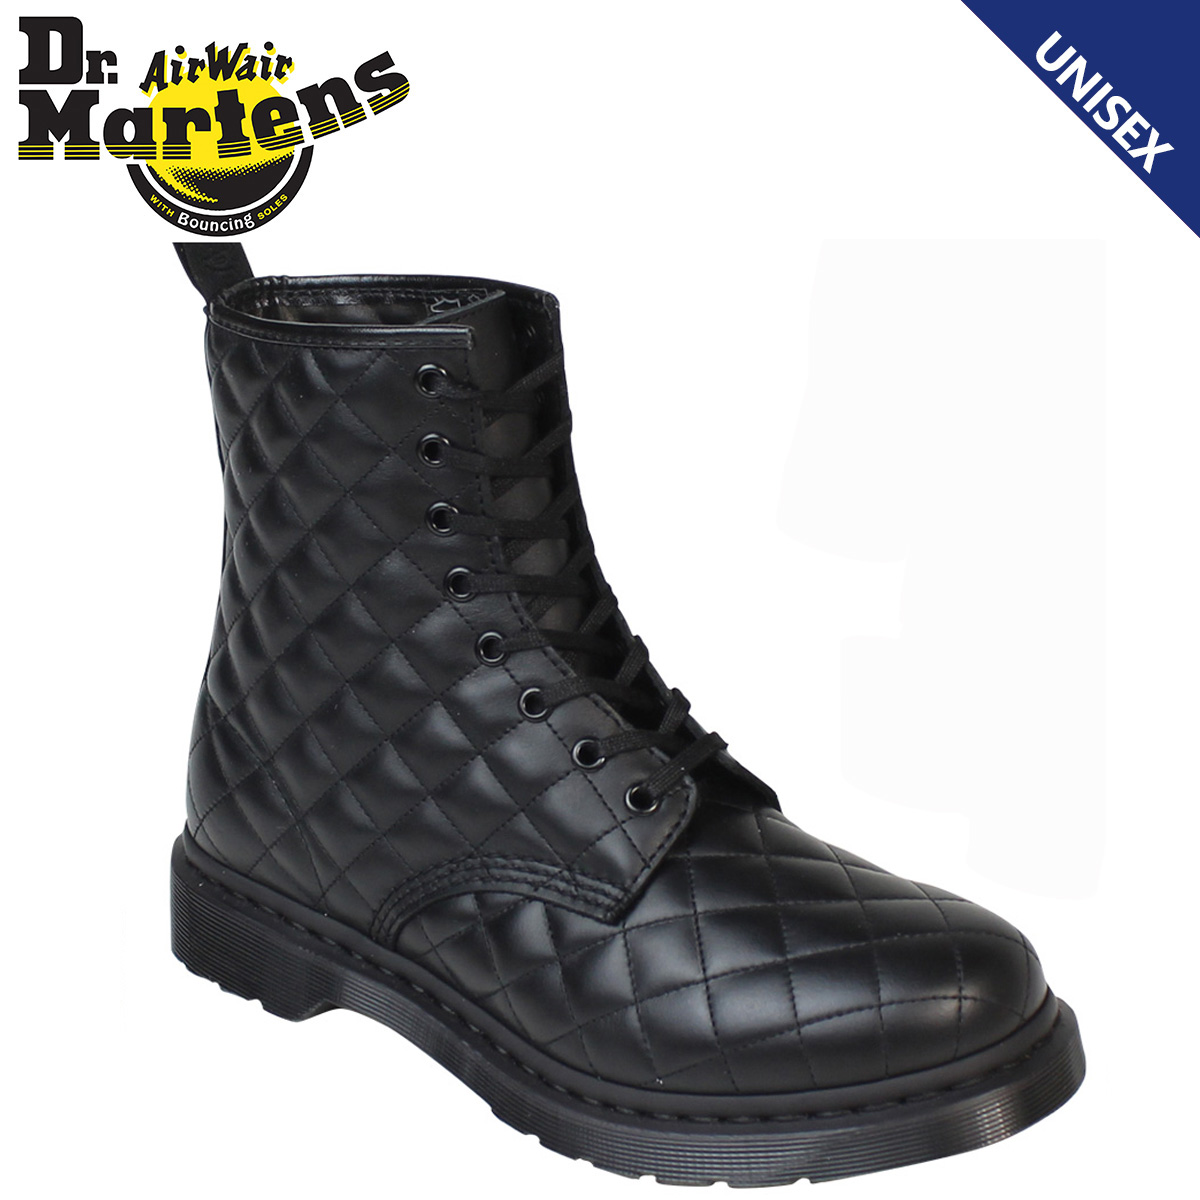 【最大2000円OFFクーポン】 ドクターマーチン 8ホール レディース Dr.Martens ブーツ WOMENS CORALIE 8EYE BOOT R15291001 メンズ